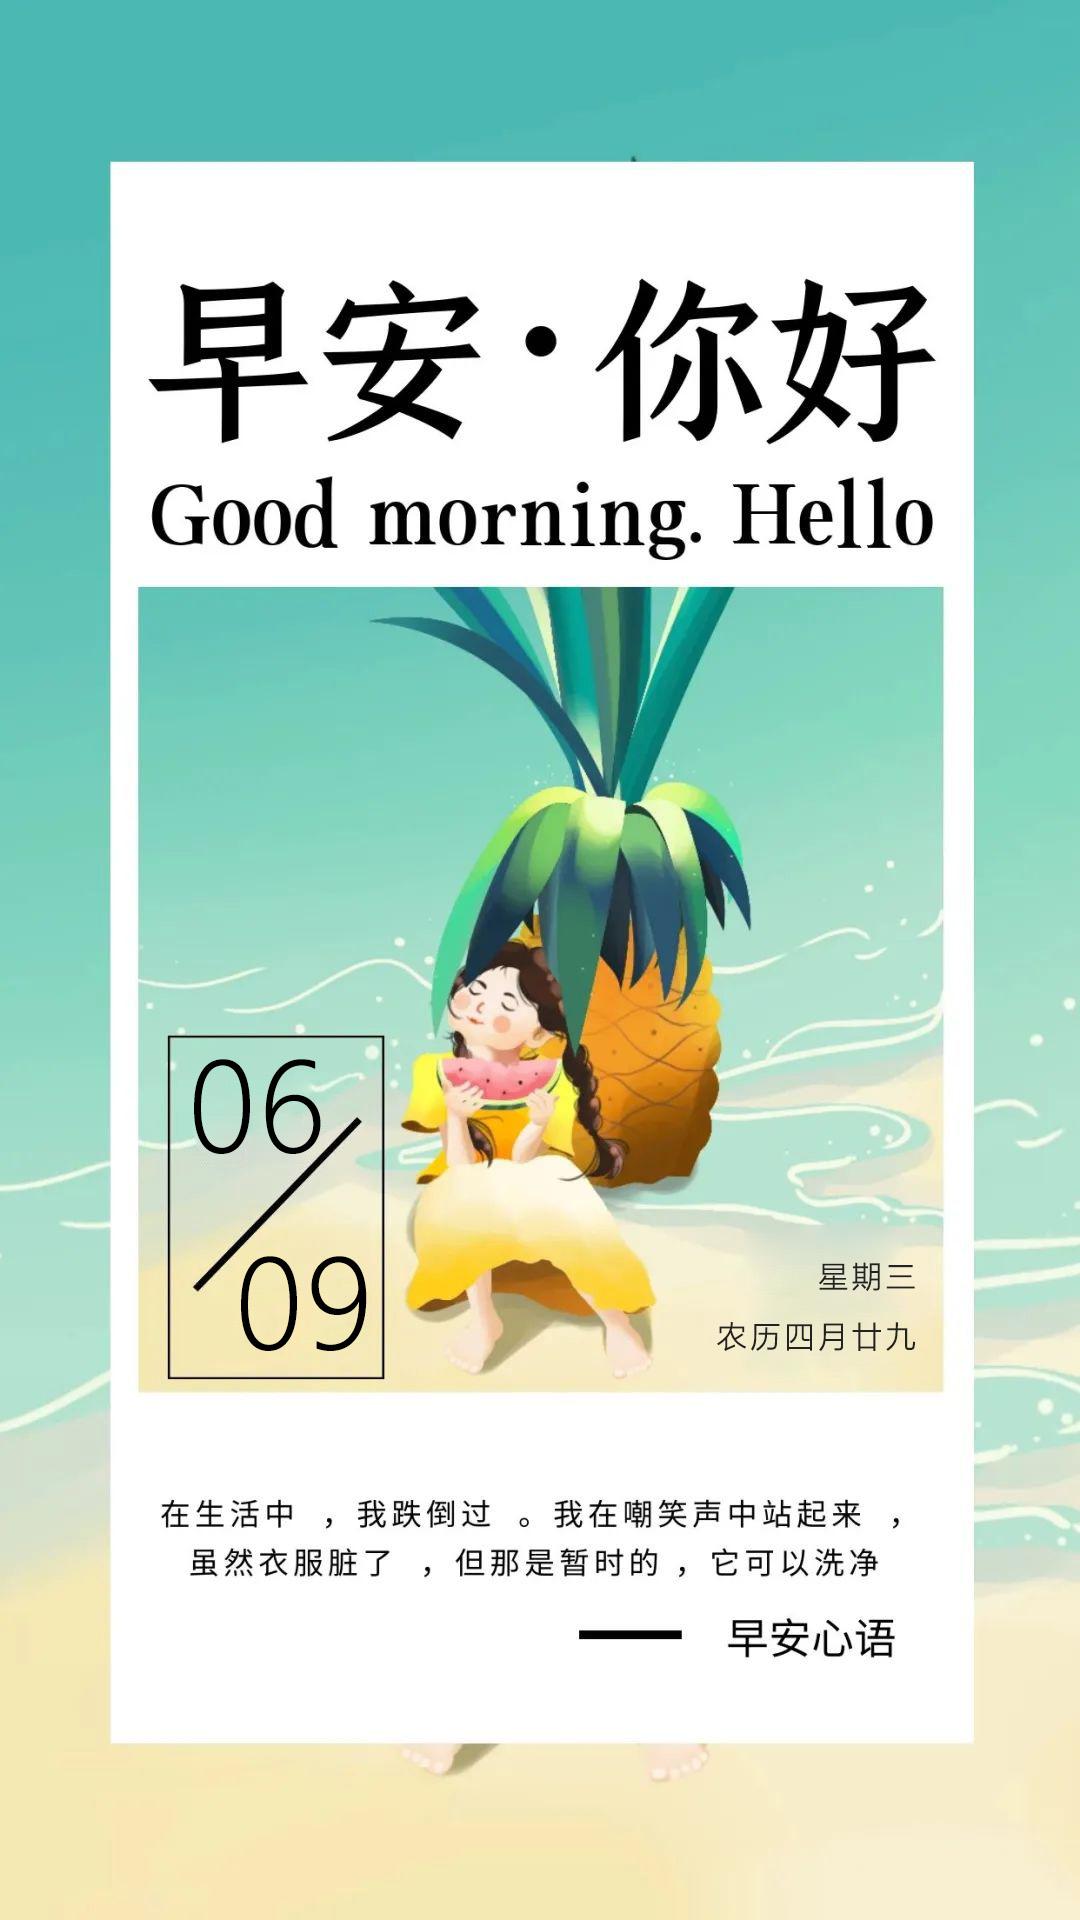 问候早安的正能量说说图片,阳光早上好语录句子